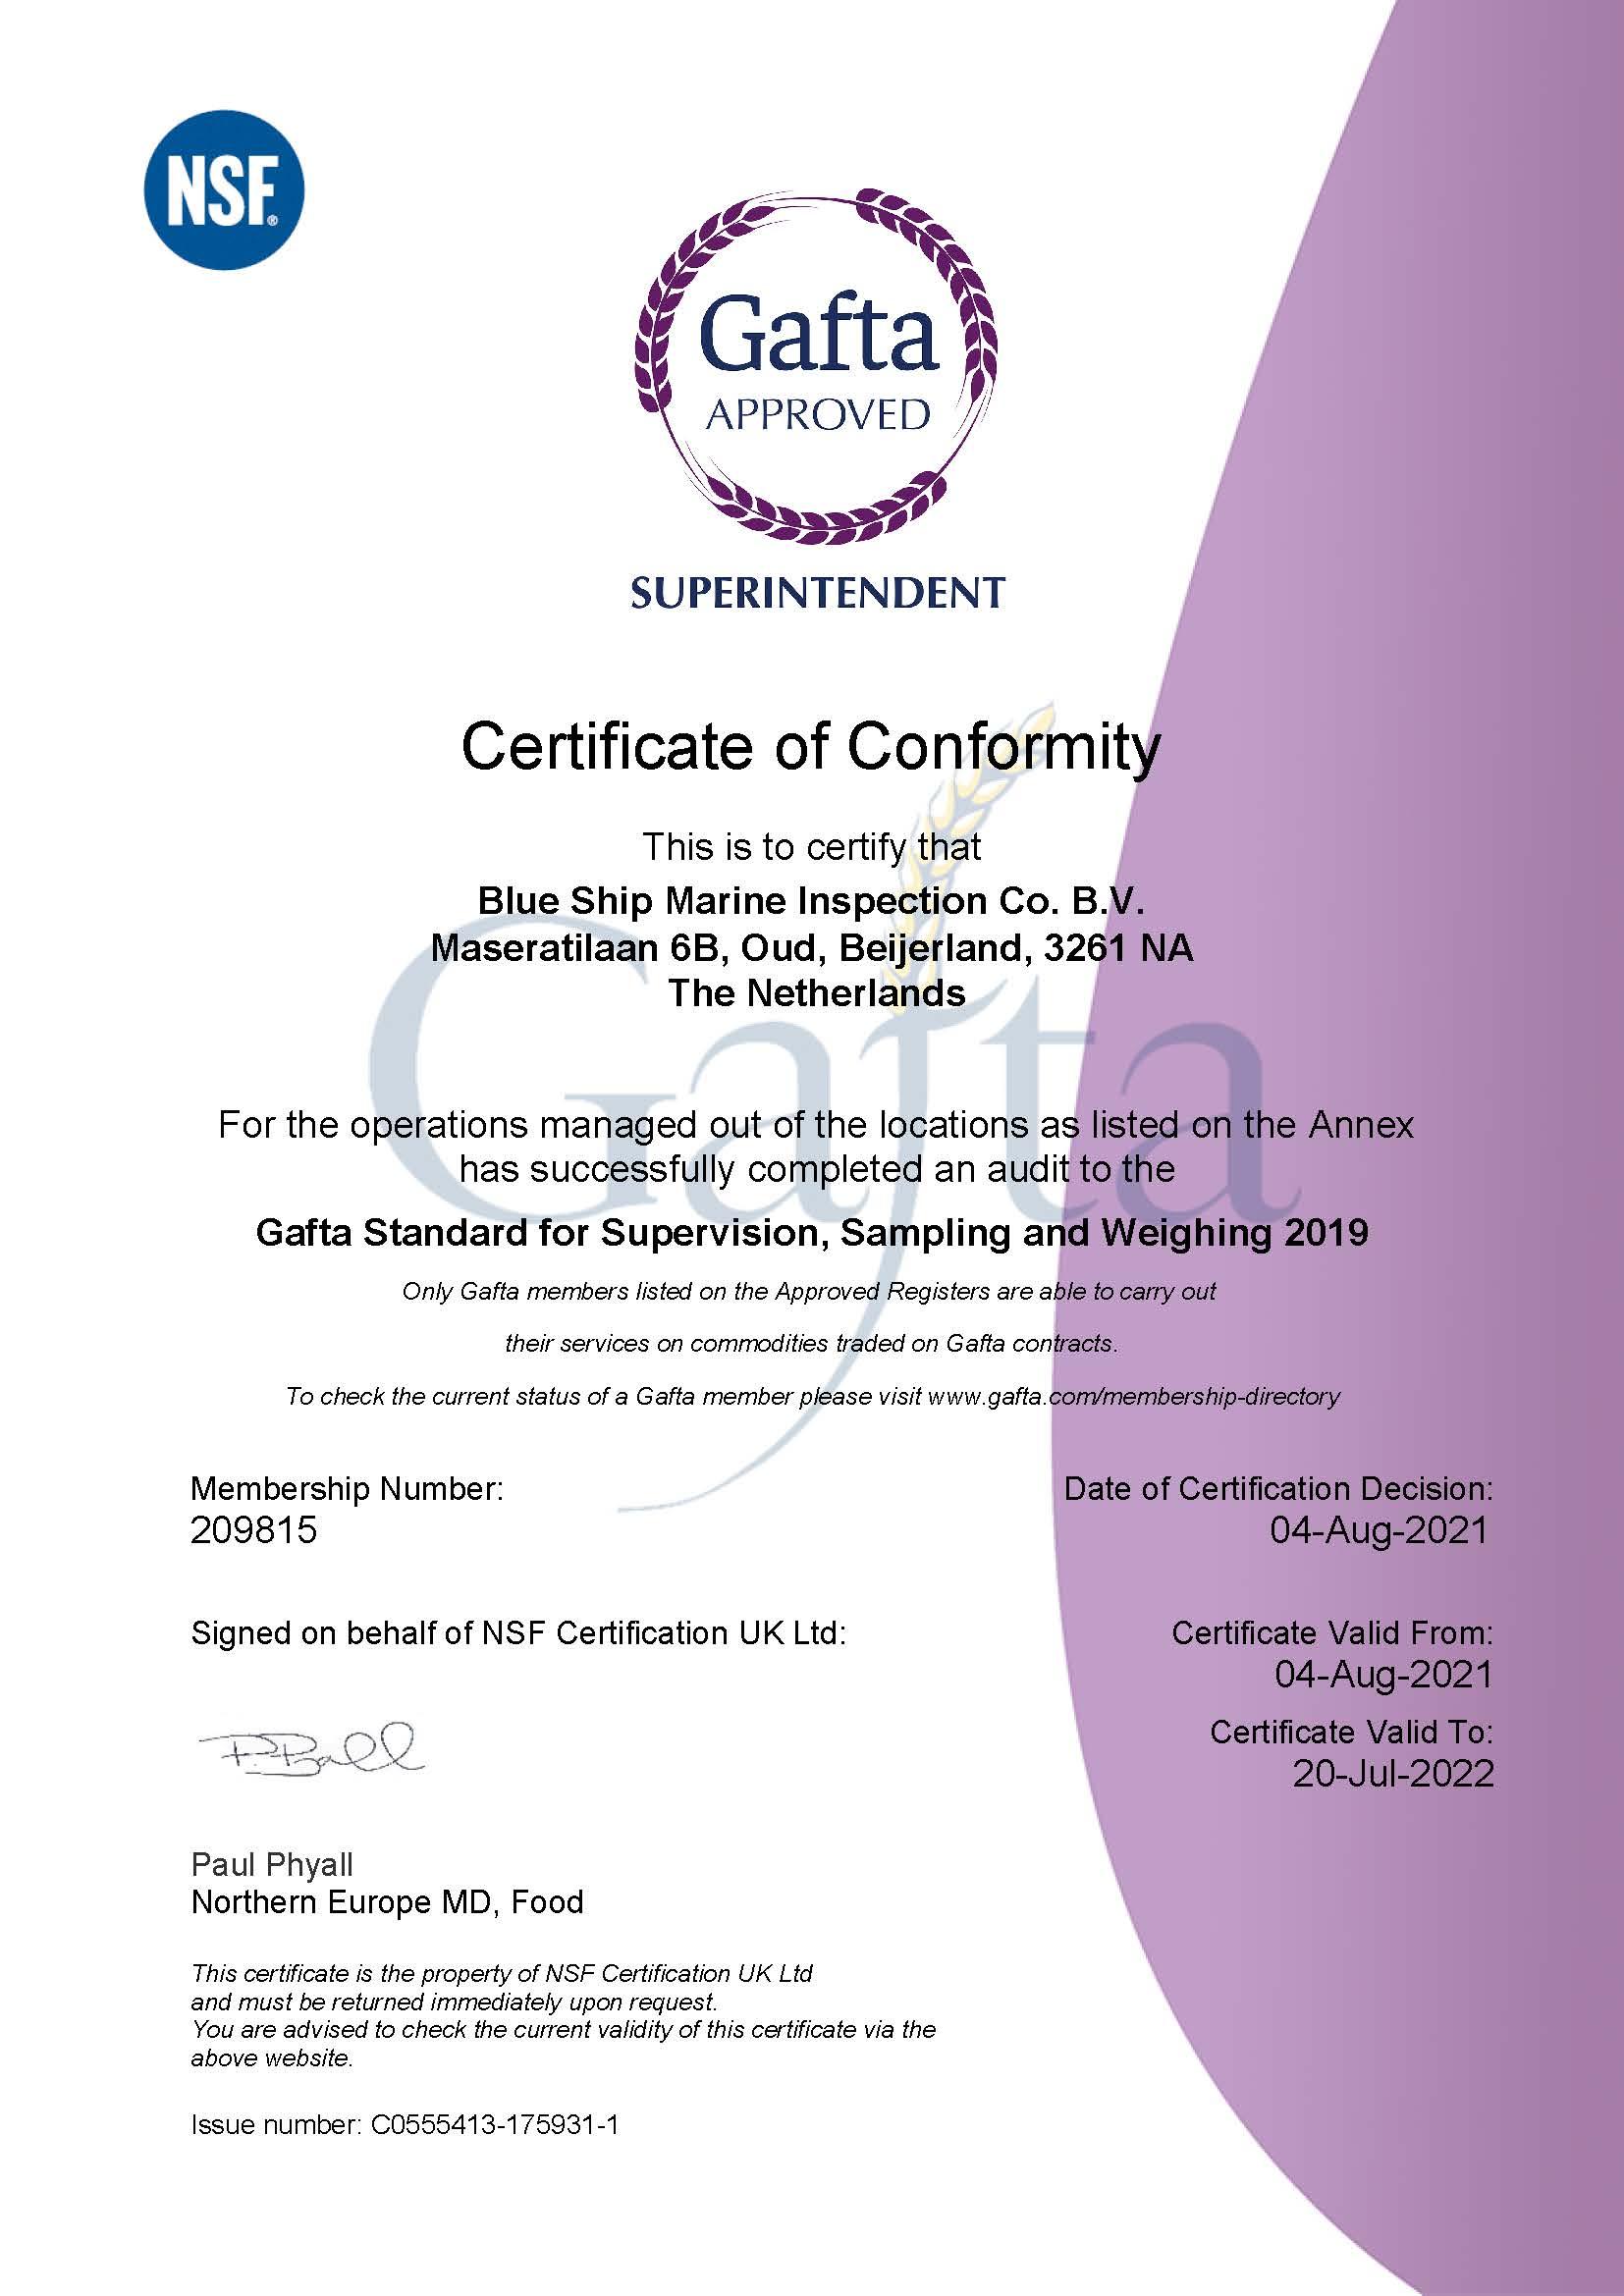 209815 Blue Ship Marine Inspection Co. B.V Gafta Certificate 2021_v1_Decrypted_Page_1